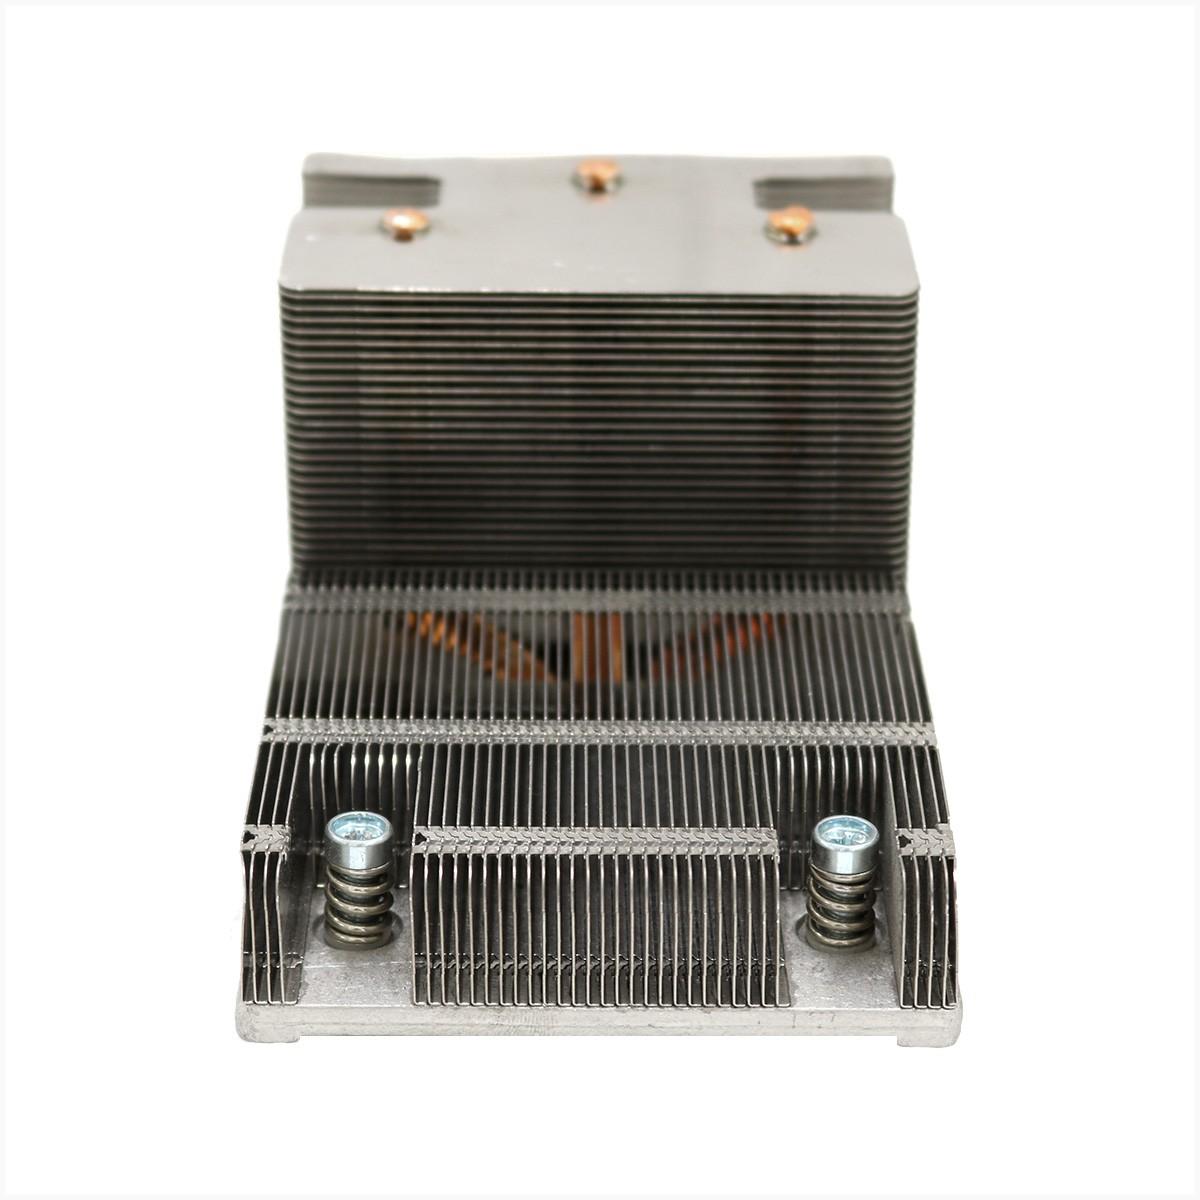 Dissipador para servidores dell r730 r730xd 0yy2r8 -  usado